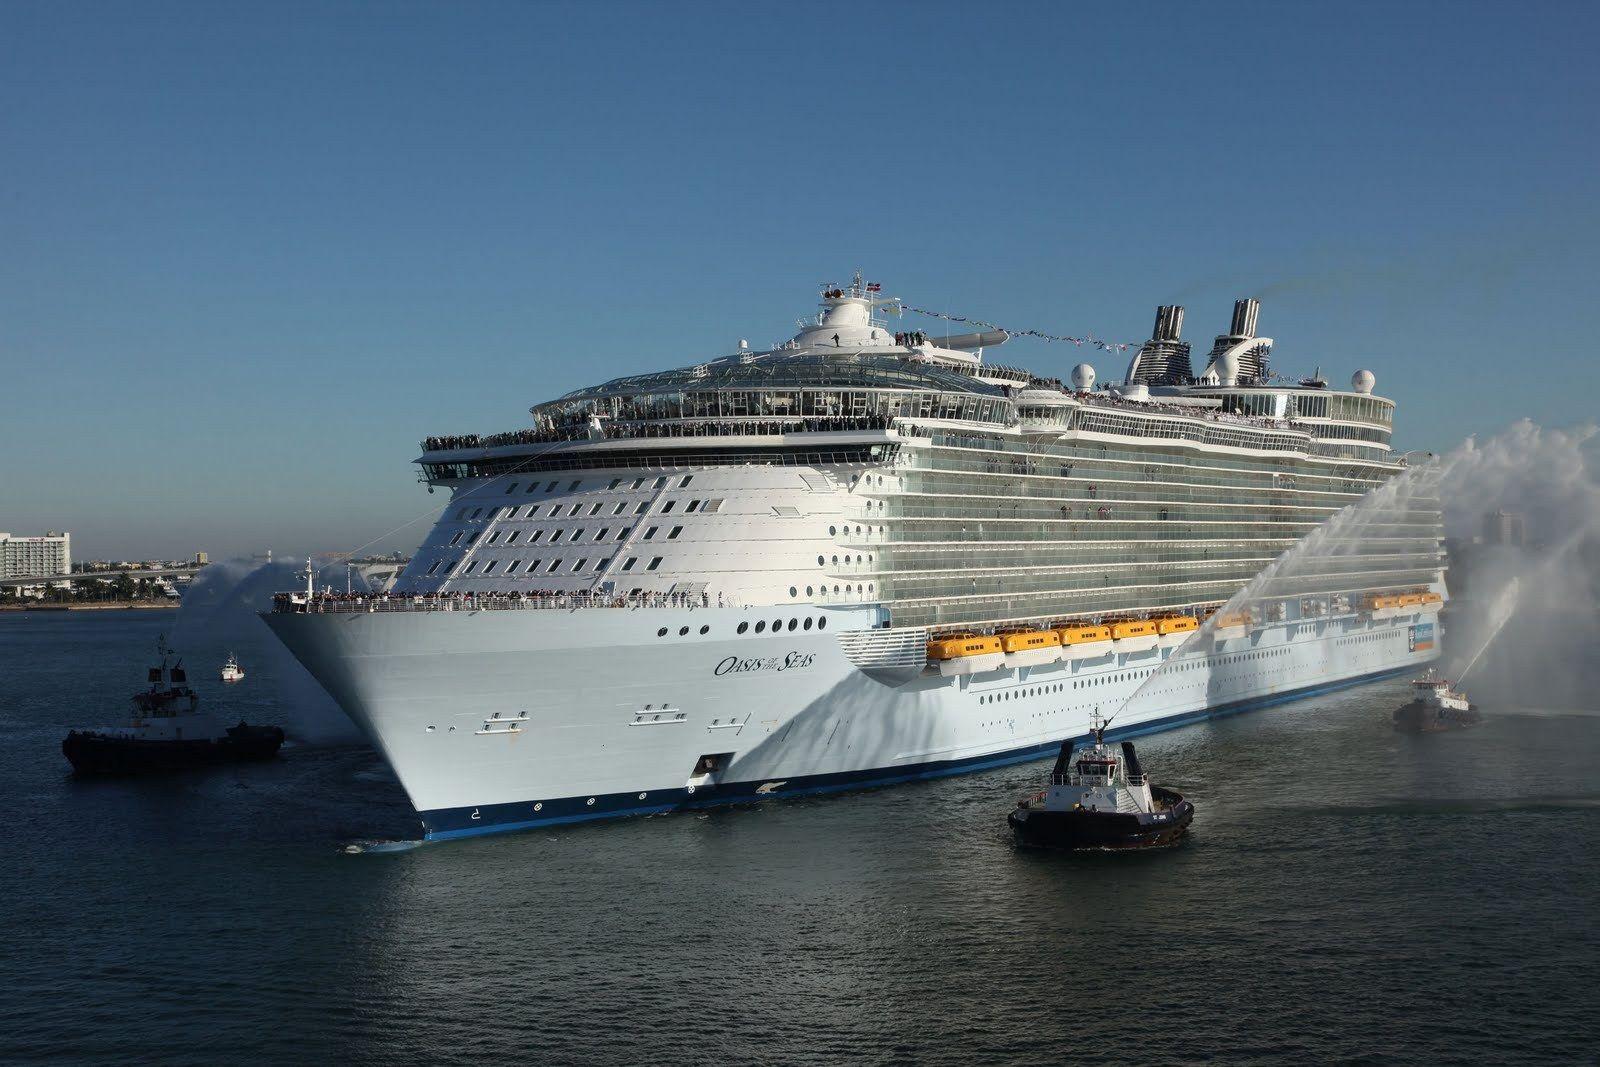 самое большое судно